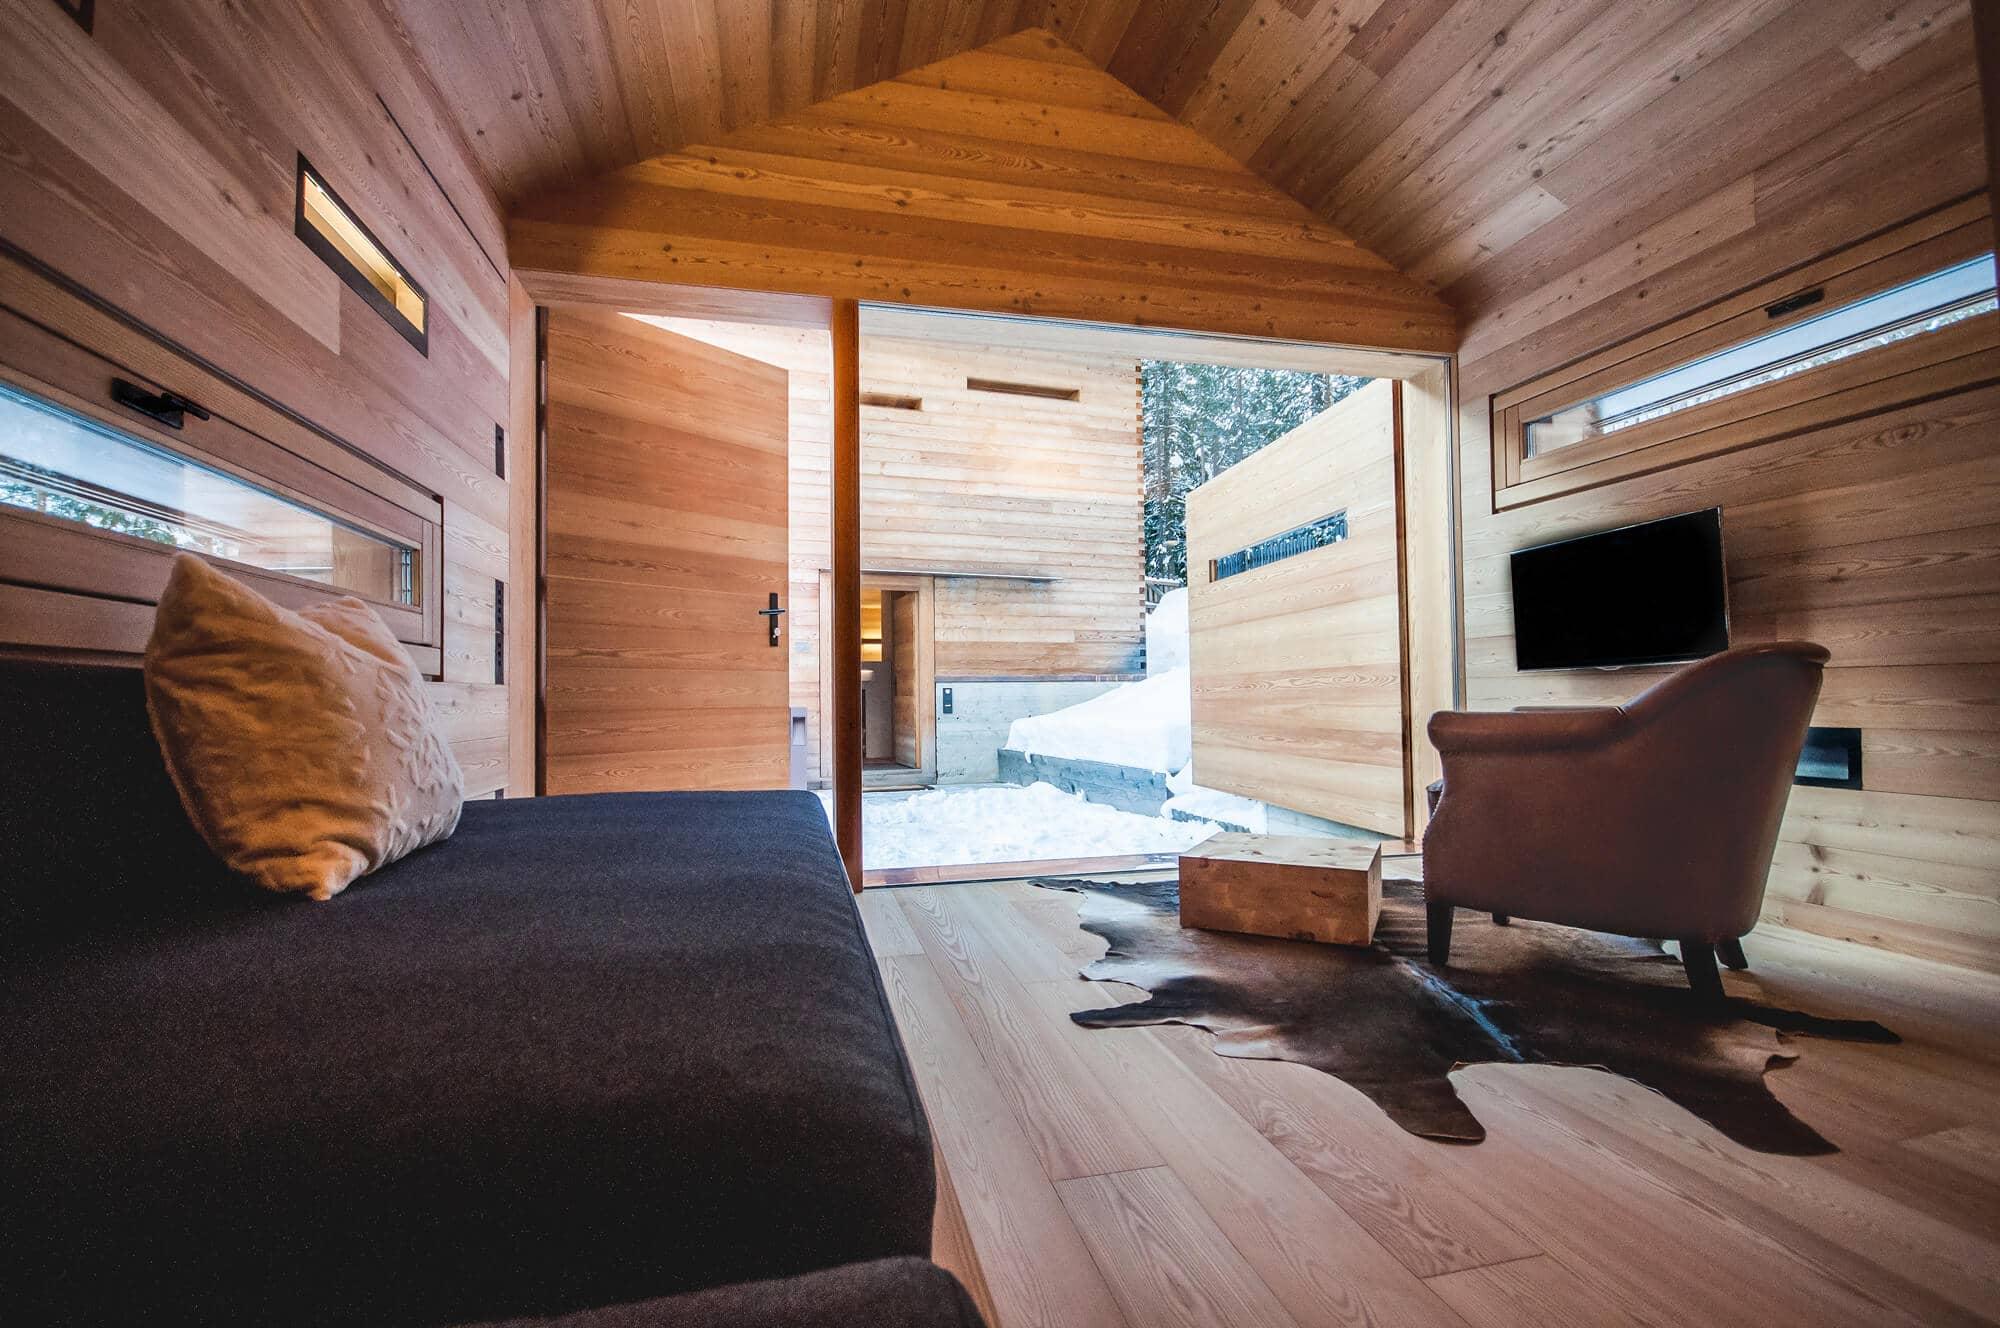 Luxus Chalet Südtirol | Ferienhaus Dolomiten | Mountain Lodge Tamersc